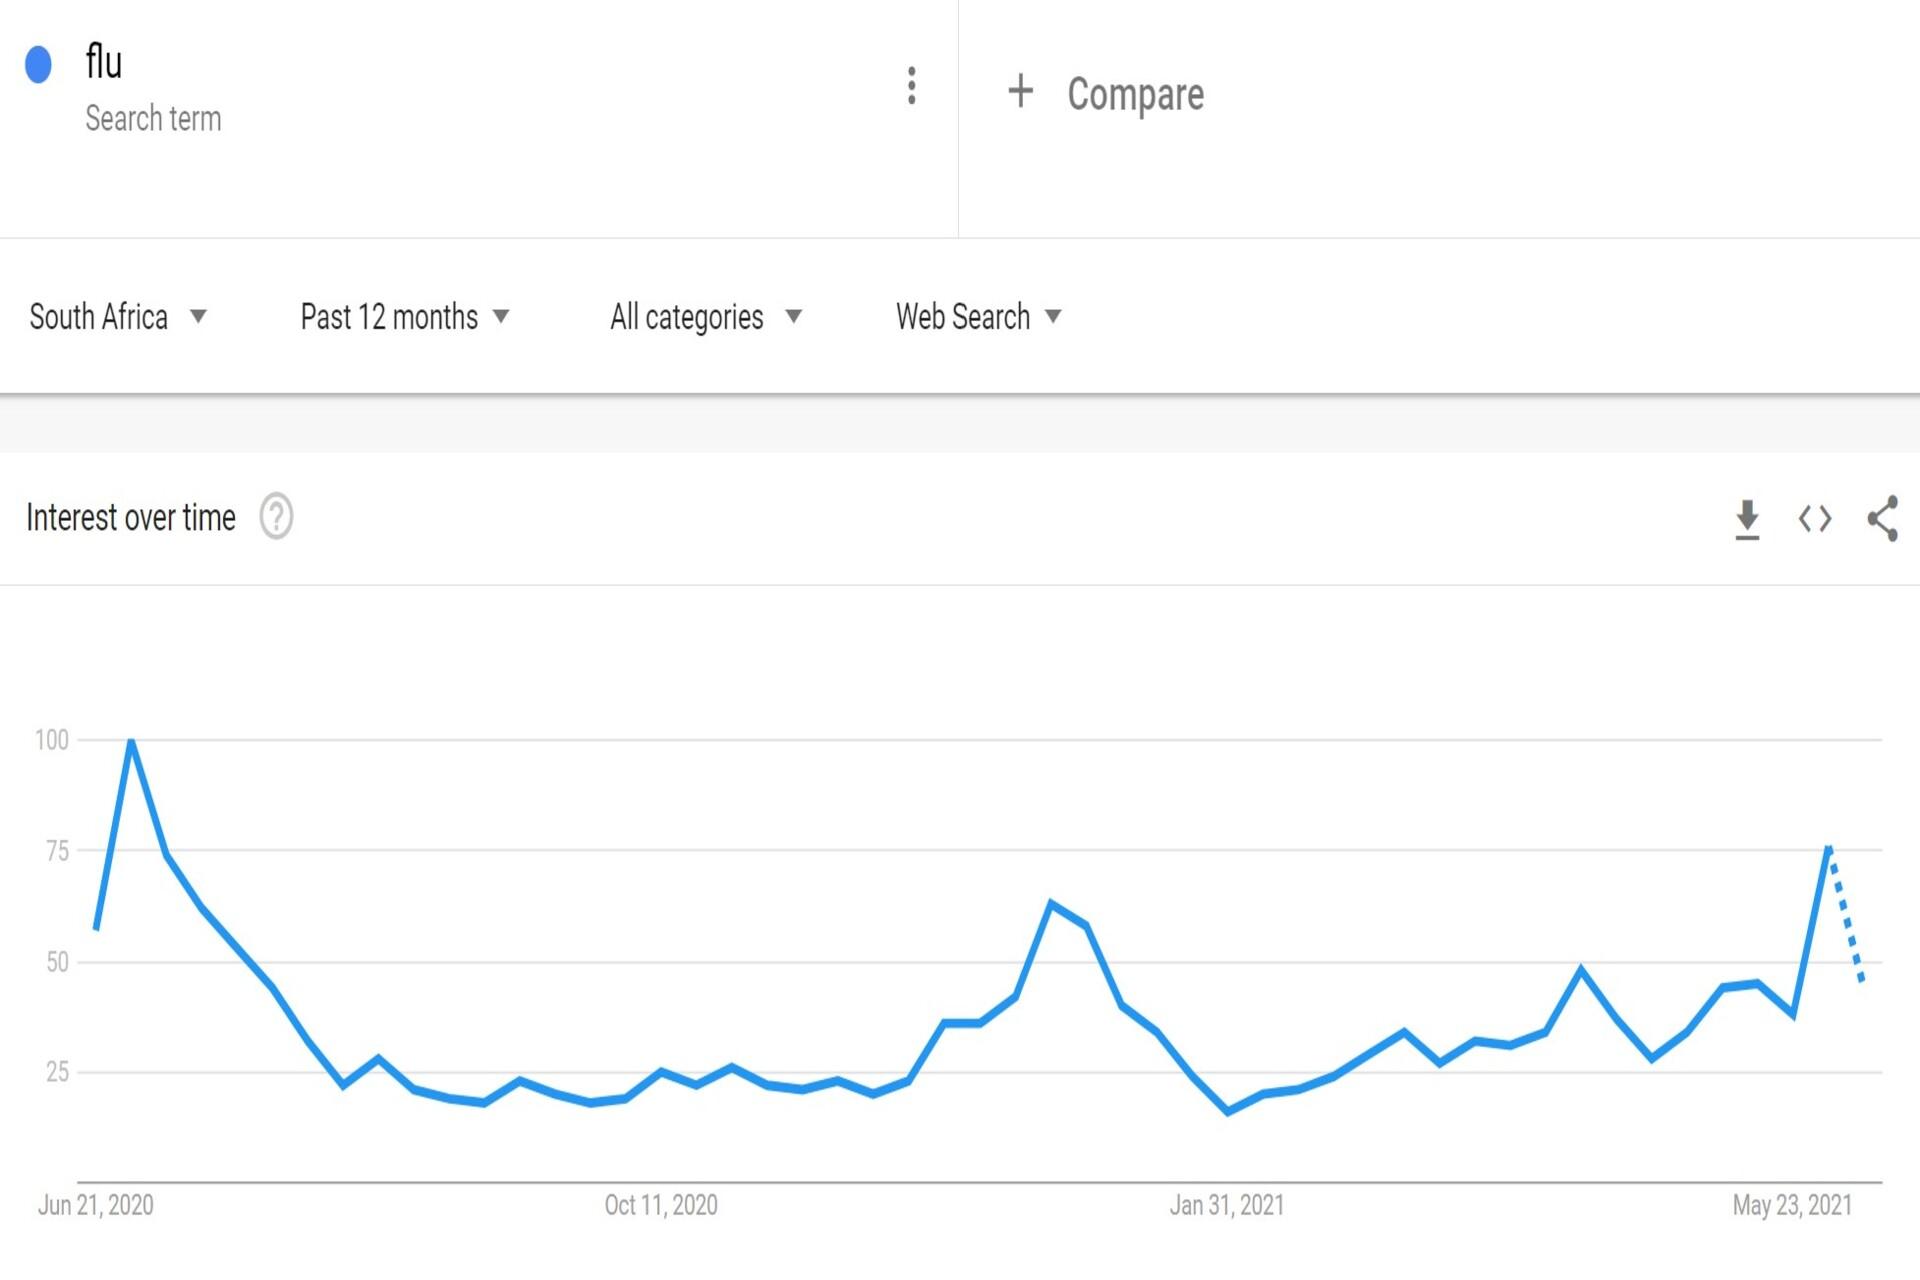 Google trends Flu chart